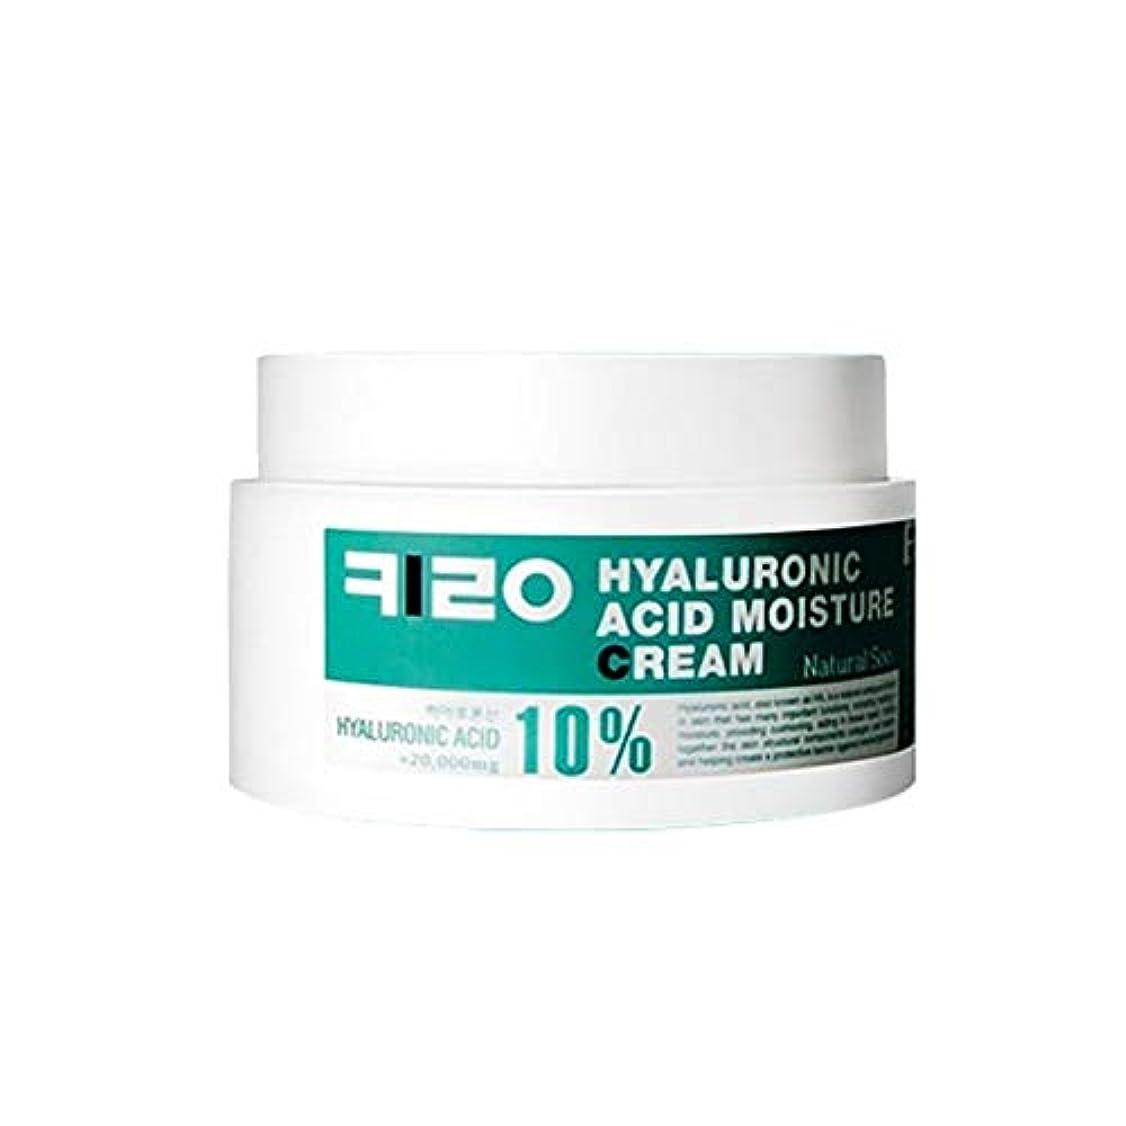 ディスク計画的タックルナチュラルSooキーロヒアルロン酸モイスチャークリーム200g韓国コスメ、Natural Soo Hyaluronic Acid Moisture Cream 200g Korean Cosmetics [並行輸入品]